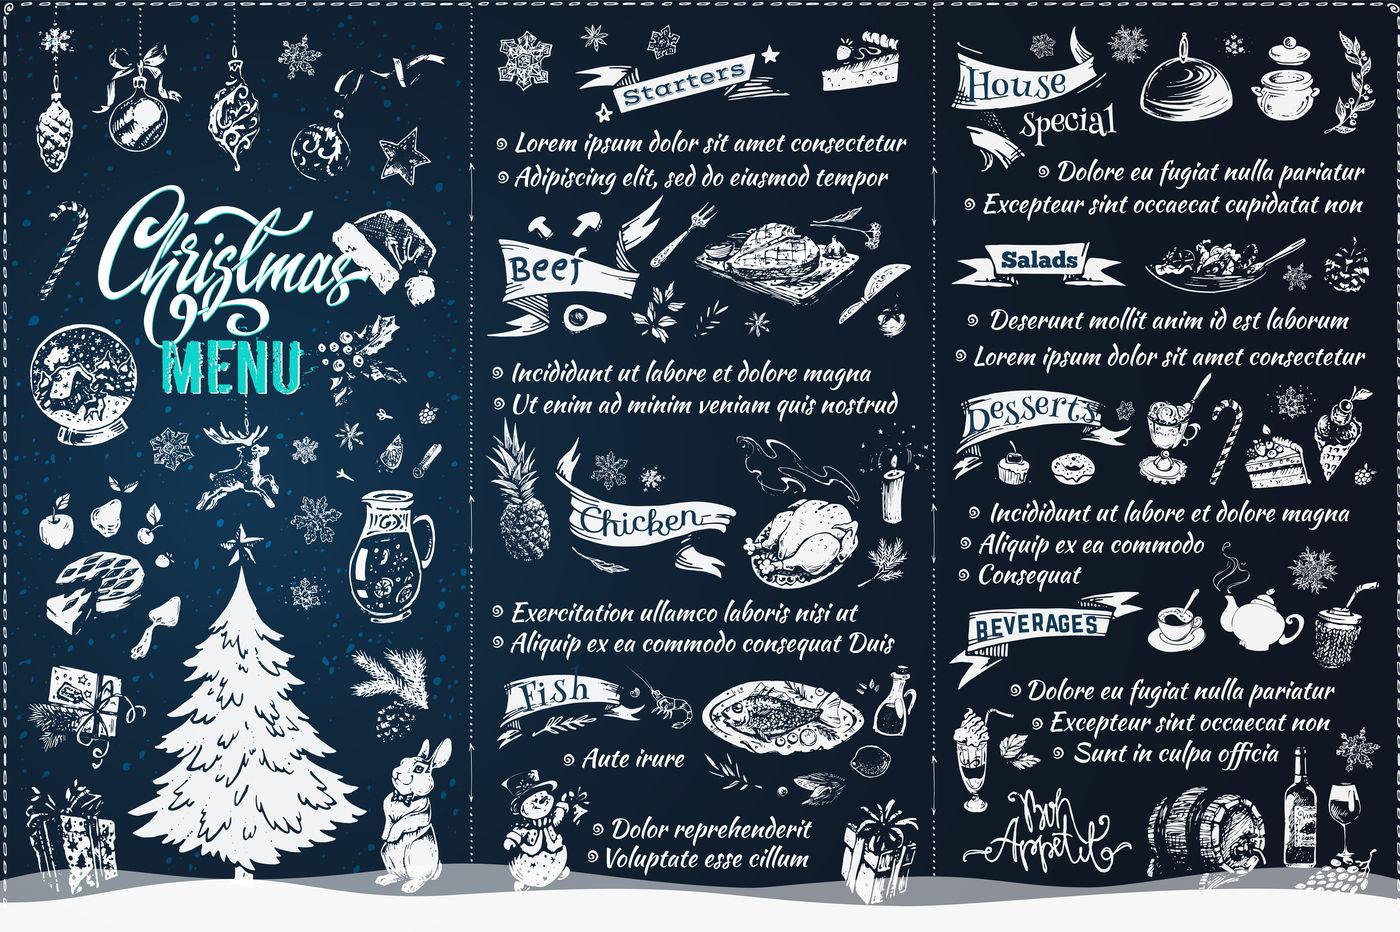 Christmas Menu Design By Margo Miller Thehungryjpeg Com